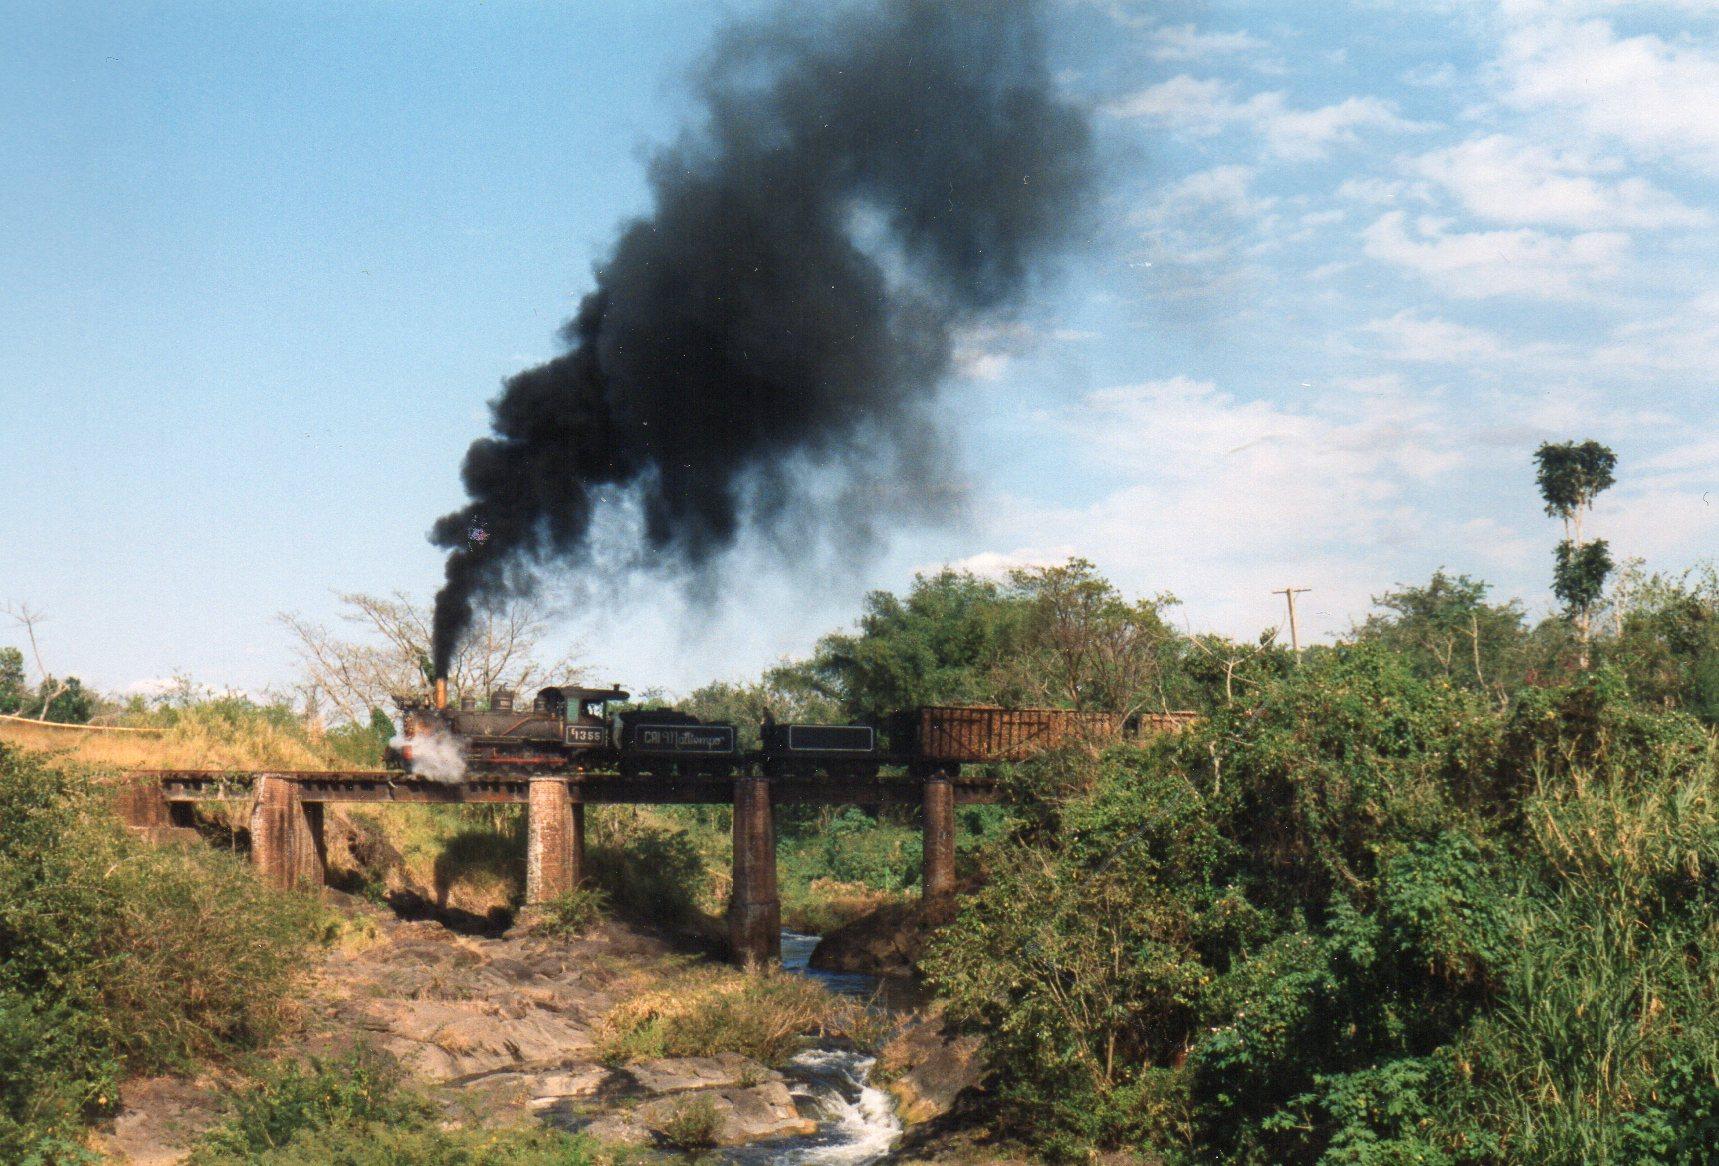 Målet for fotokørslen var denne bro over Rio Vija 11,4 kilometer fra møllen. Vi betalte 100 $ for turen. Det blev til 35 kr for hver for en ture fra 11.30 til 17. Dollaren stod åbenbart dengang i 7 kr. Da det er tørtid, var der ikke meget vand i floden. Trods tørtiden viser flere billeder regnvåde cubanere!